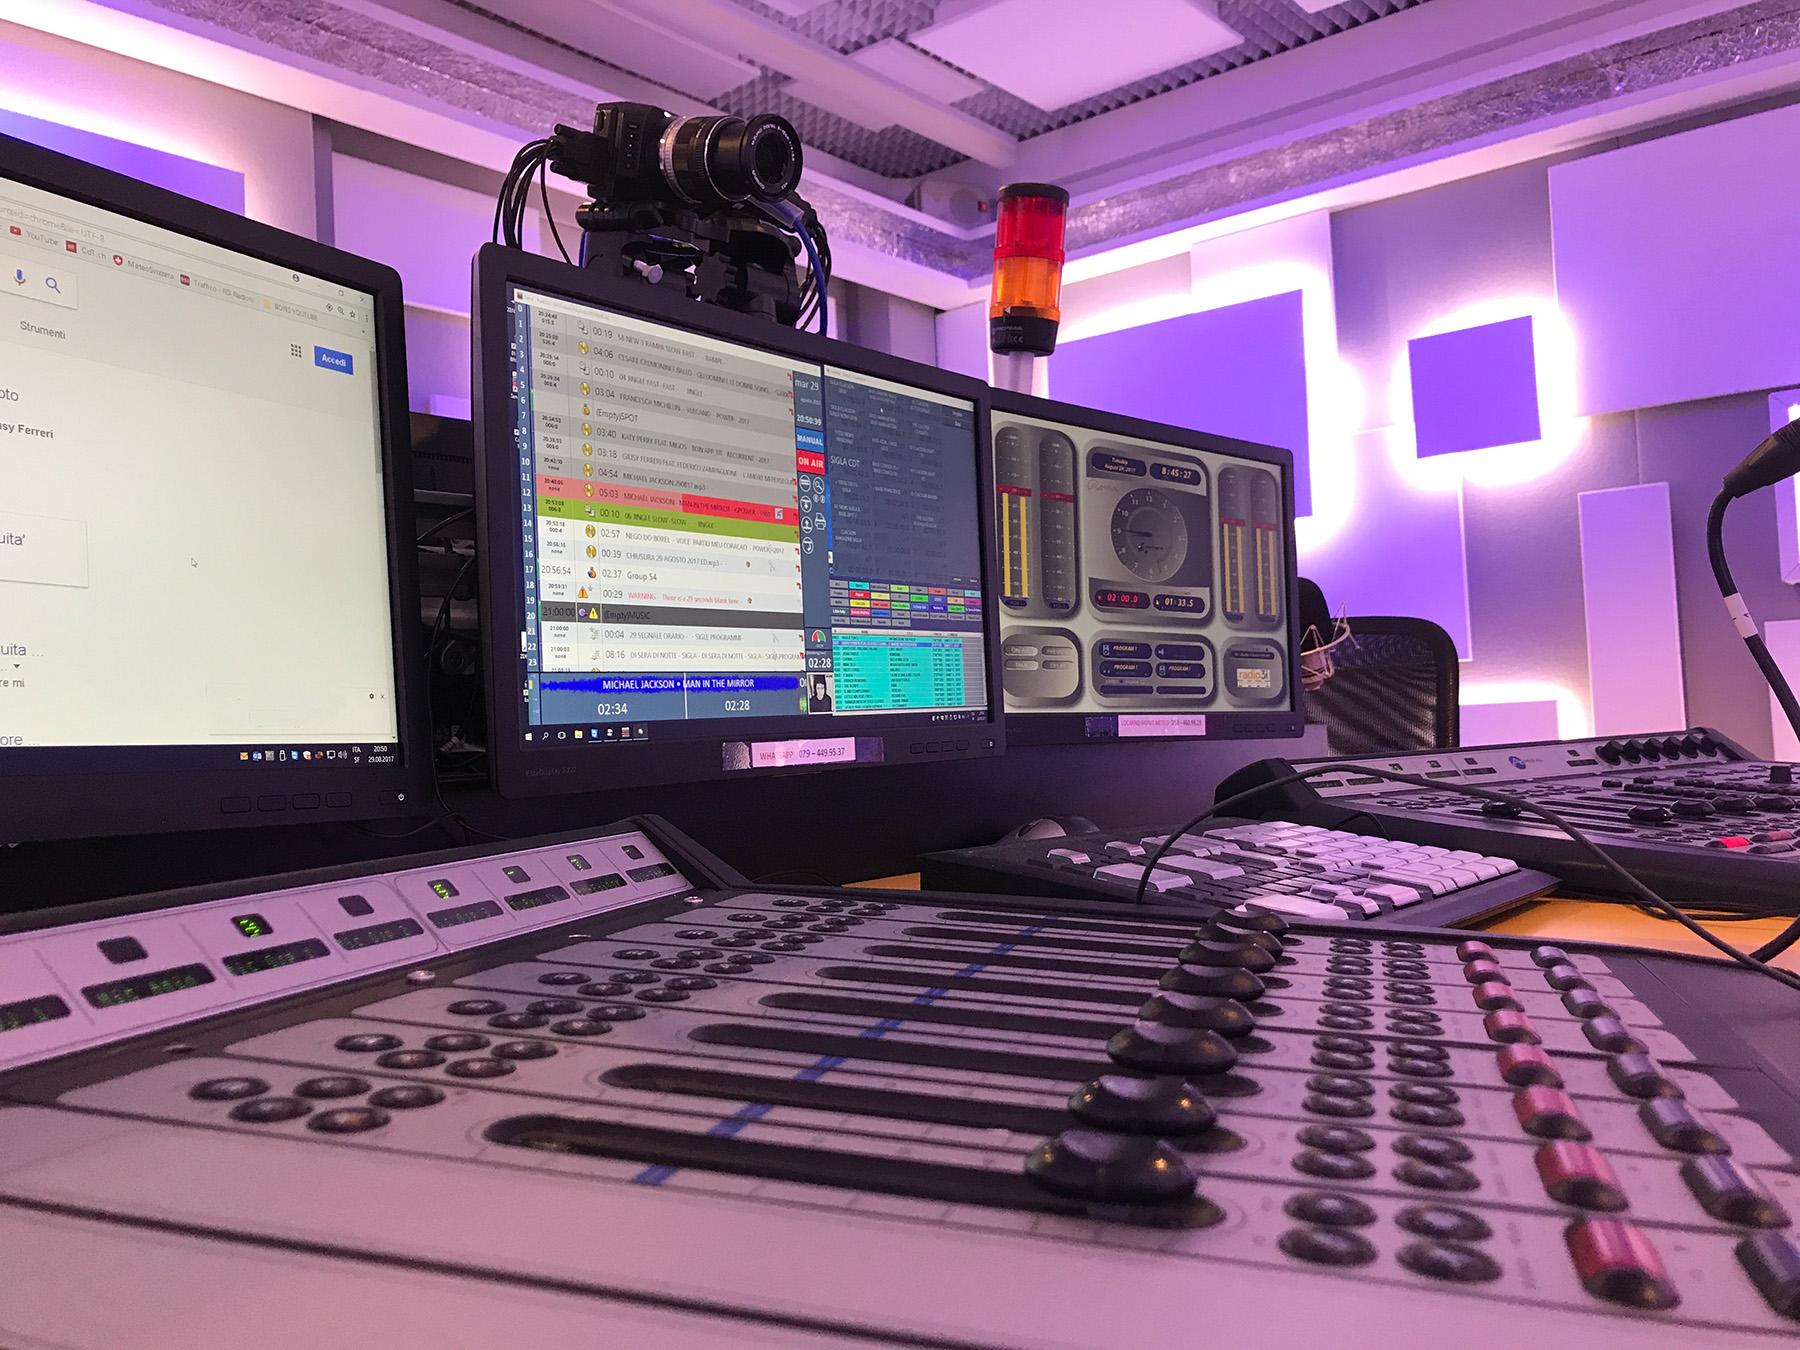 Radio 3i studio 1 - Radio. La musica liquida ha spento quella ribelle? Non rinasce sul web la passione dei pionieri dell'etere